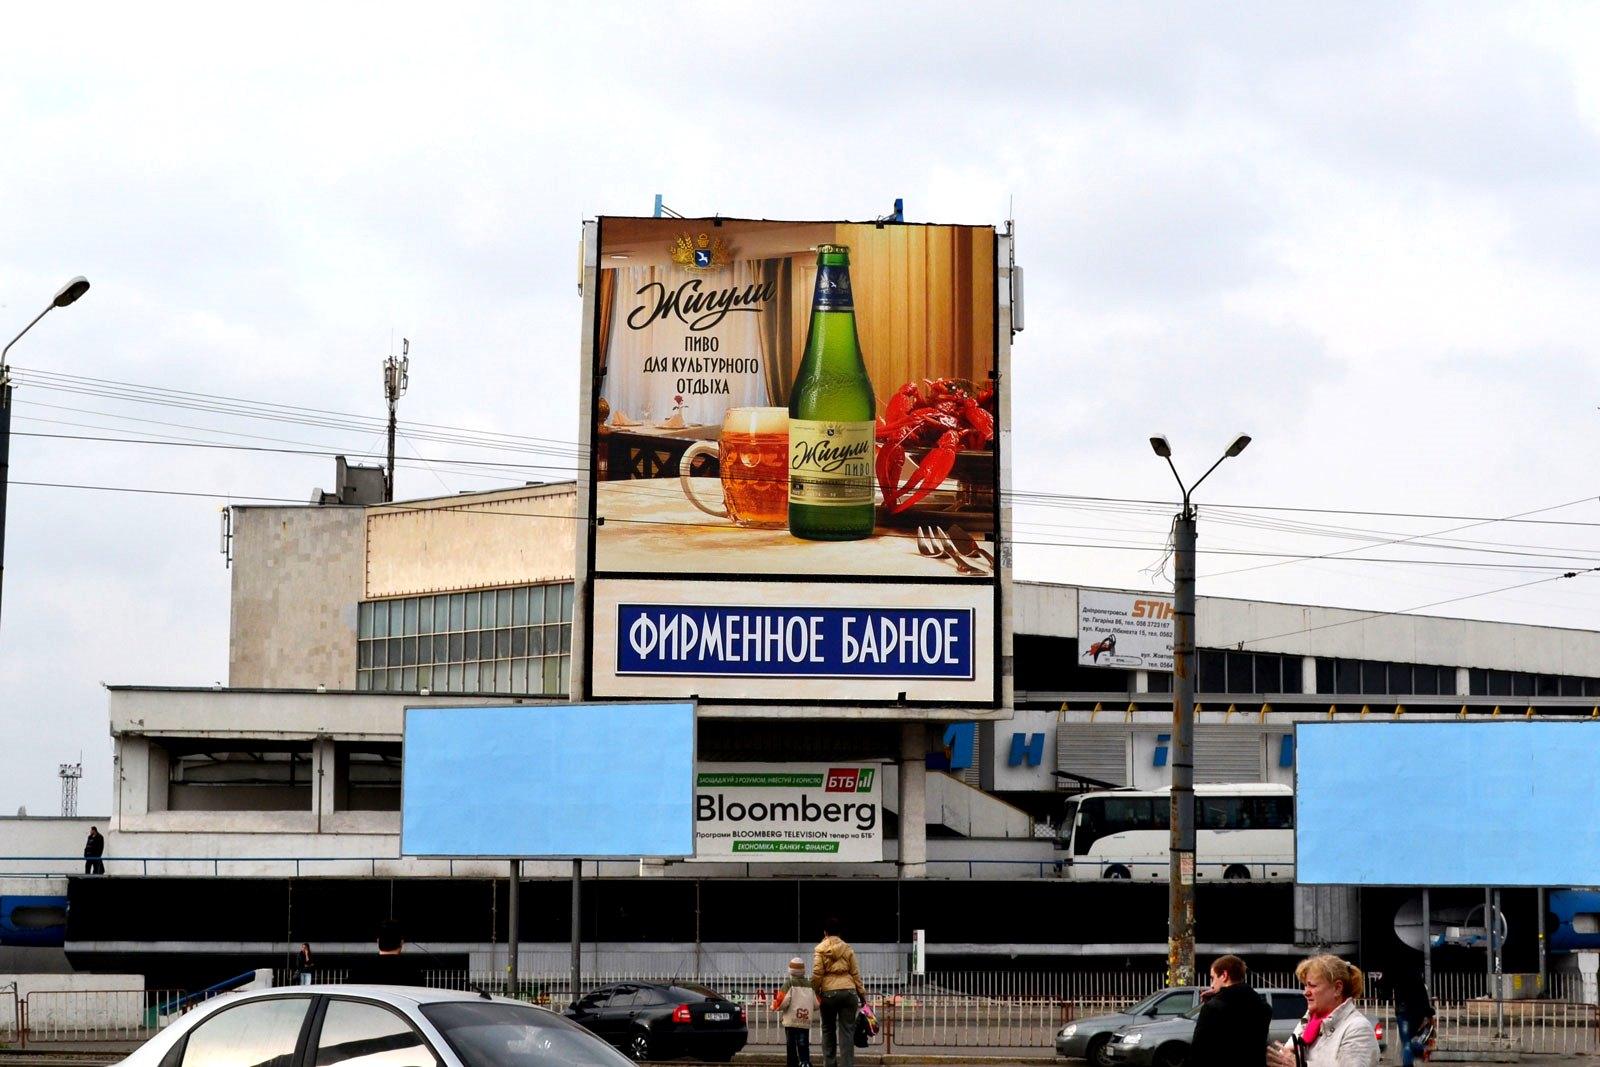 avtovokzal_dnepr_reklama